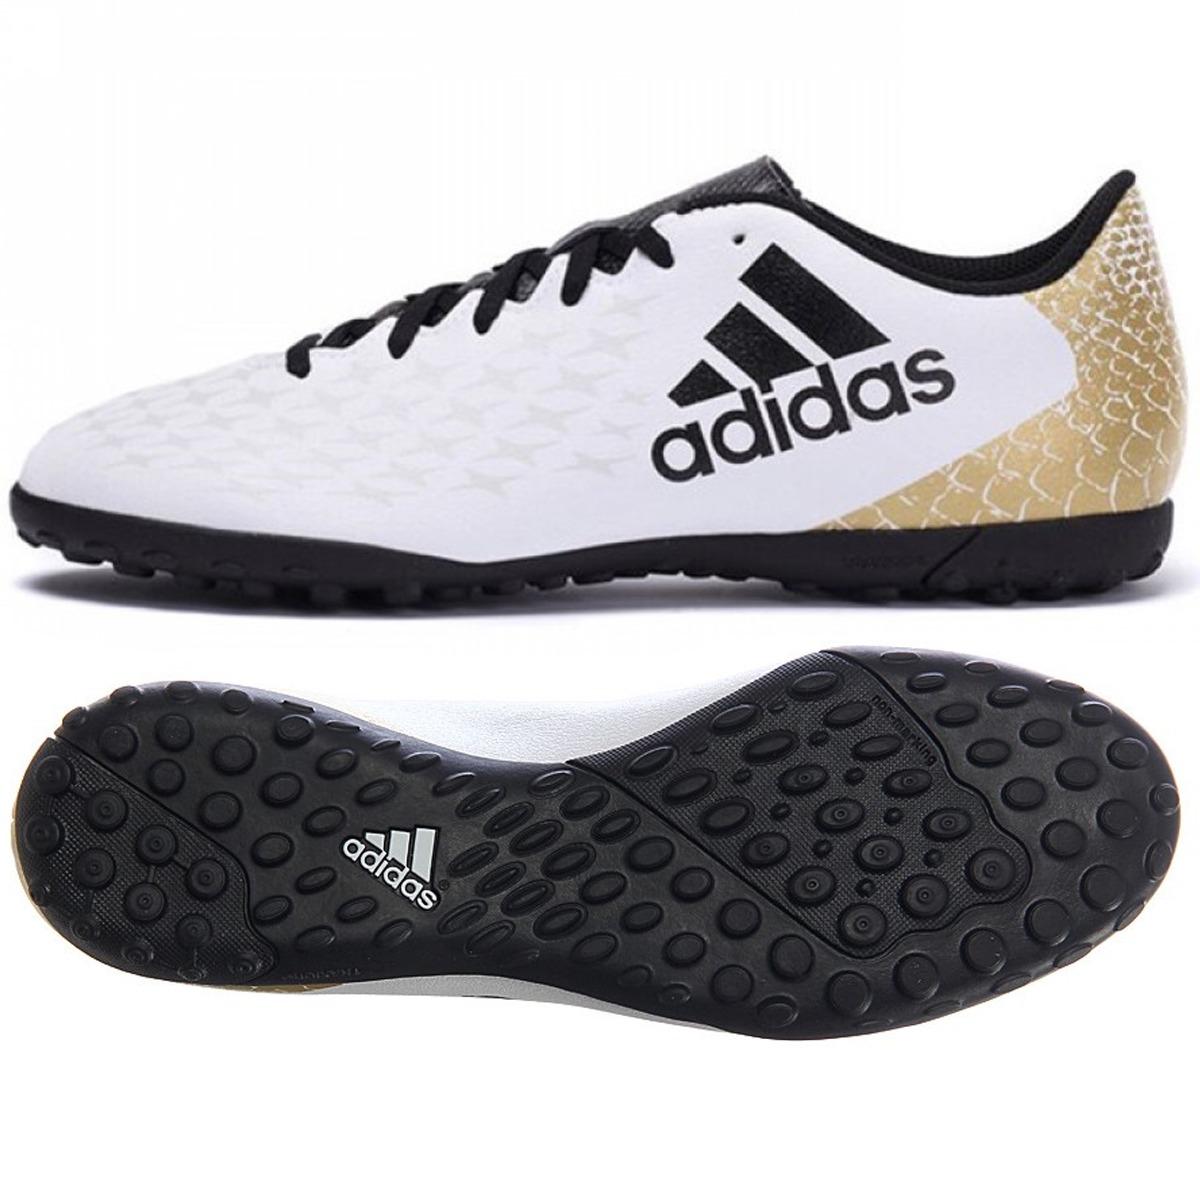 Turf Pasto Sintetico 4 Soccer Adidas599 00 Futbol 16 Zapatos X 0PXnwOkN8